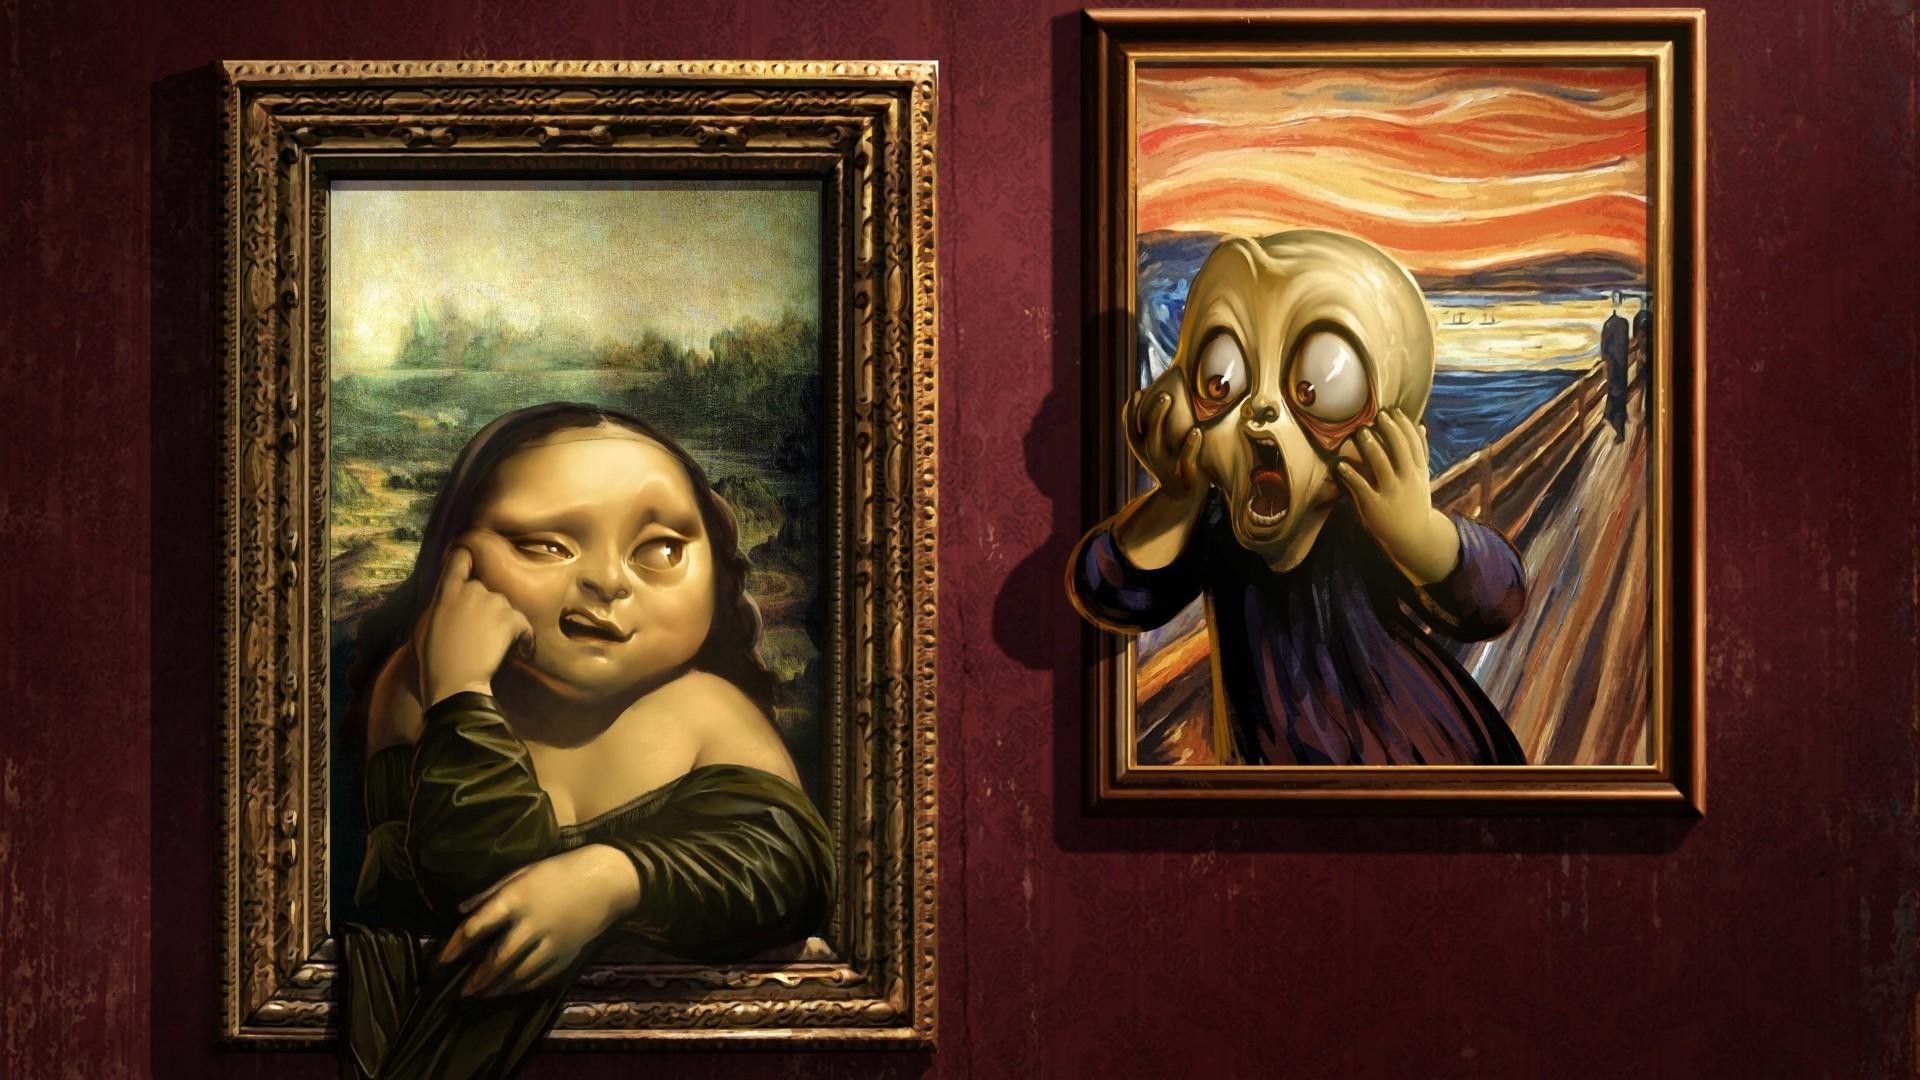 Hintergrundbilder : 1920x1080 px, Kunstwerk, Edward Munch, Humor ...